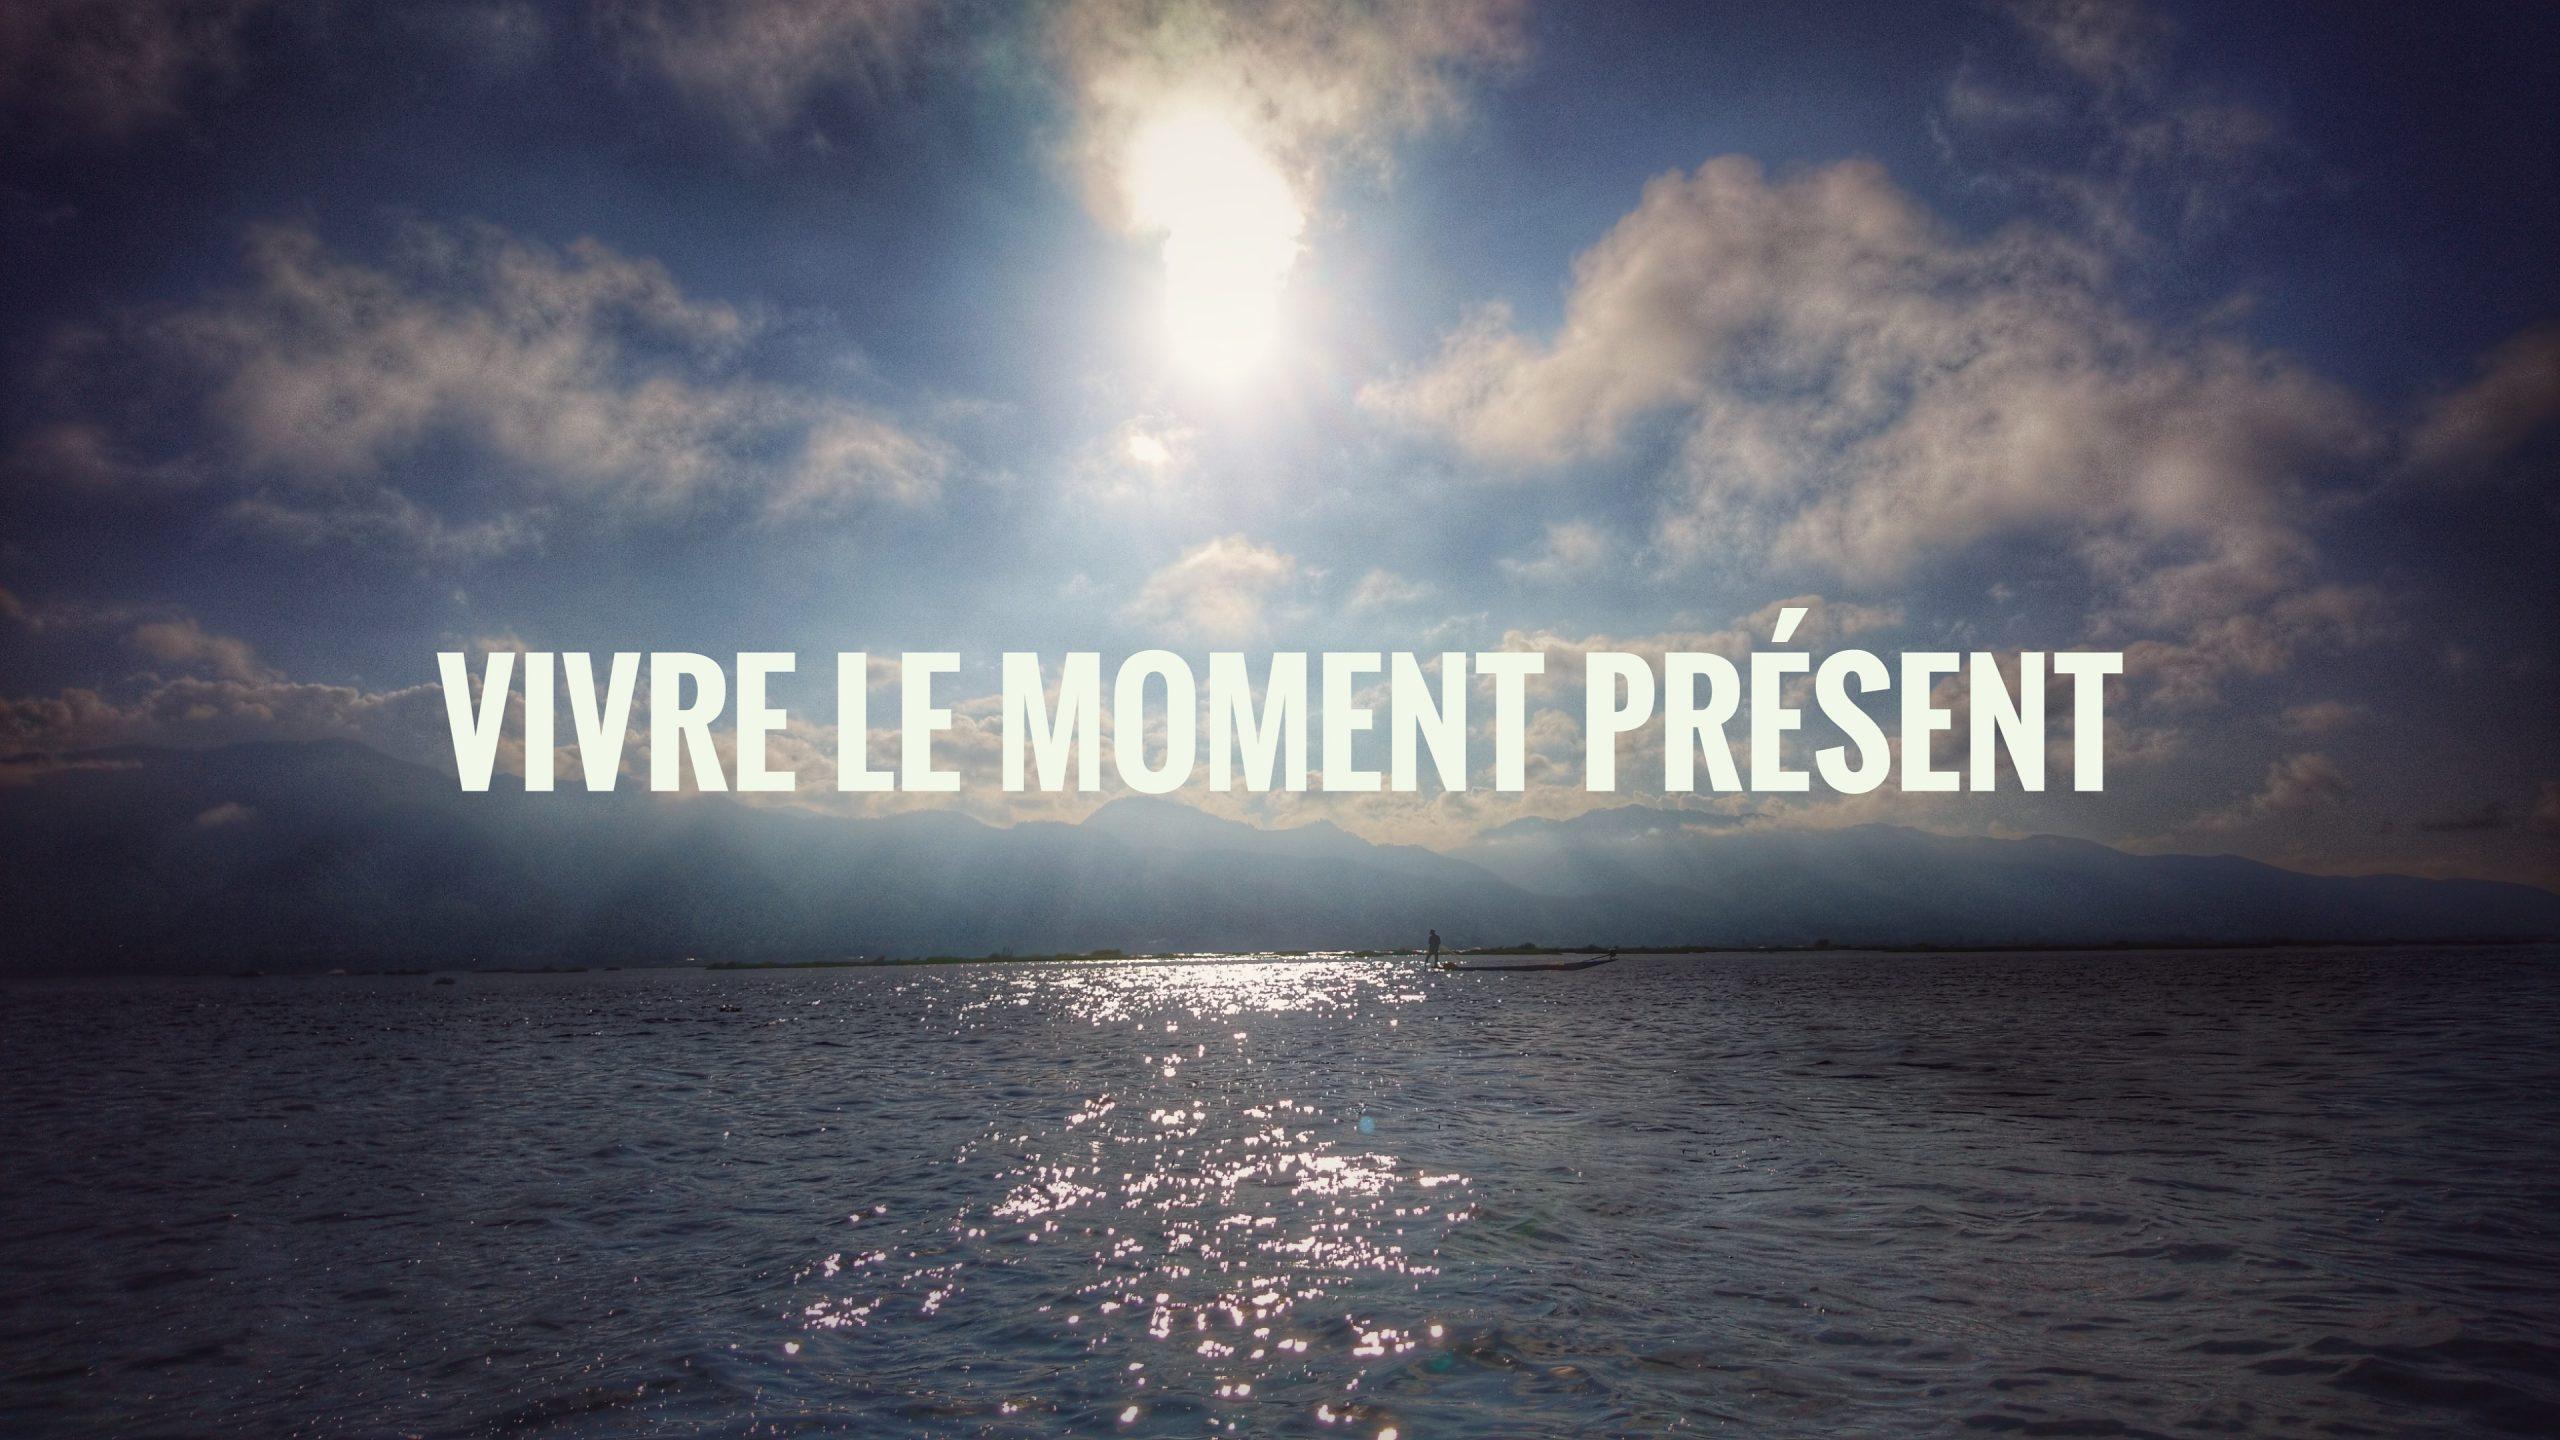 Vivre le moment présent : pourquoi et comment